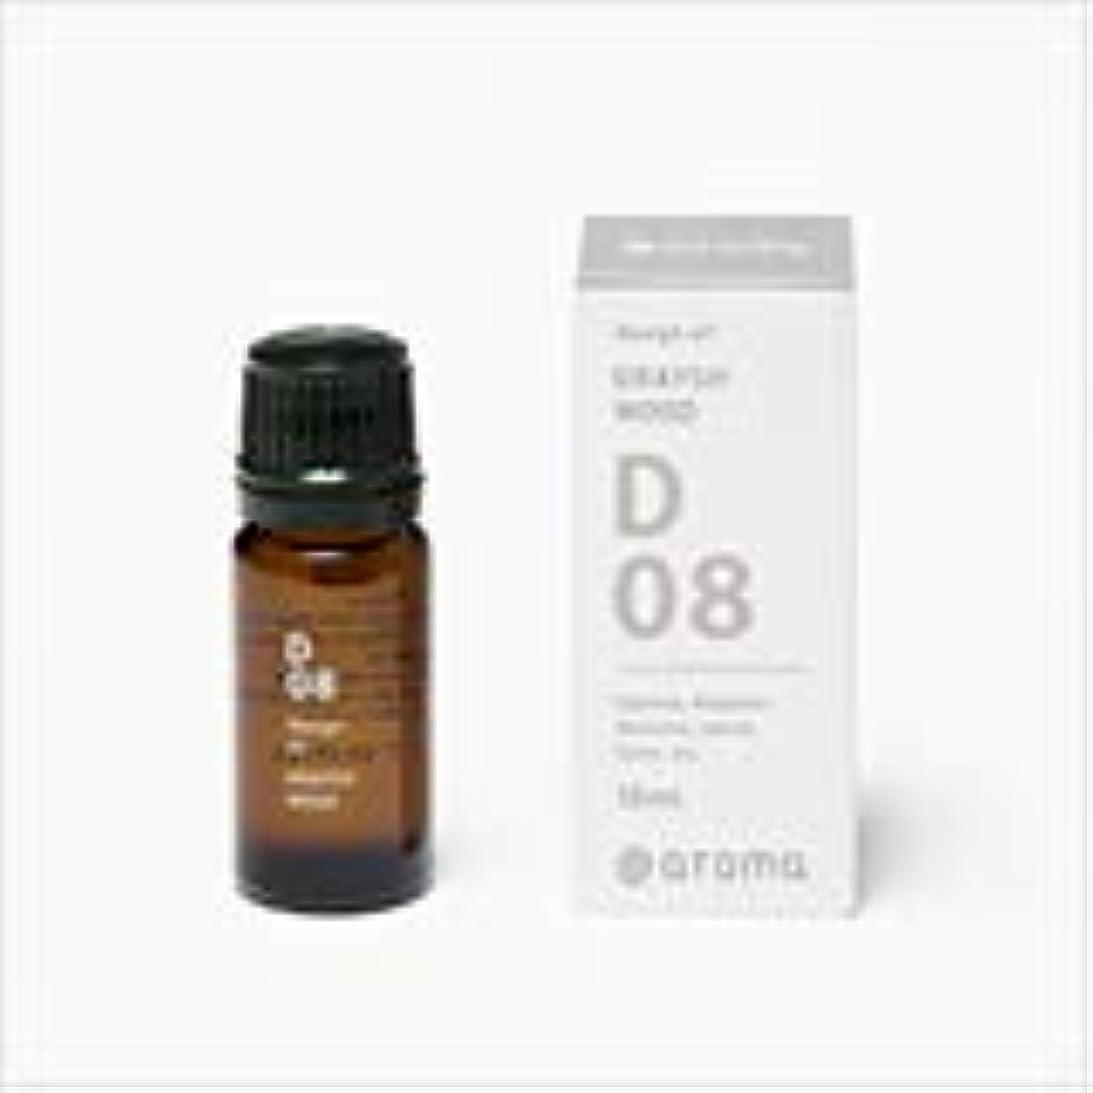 絡み合いアパルだらしないアットアロマ 100%pure essential oil <Design air ブリリアントレッド>